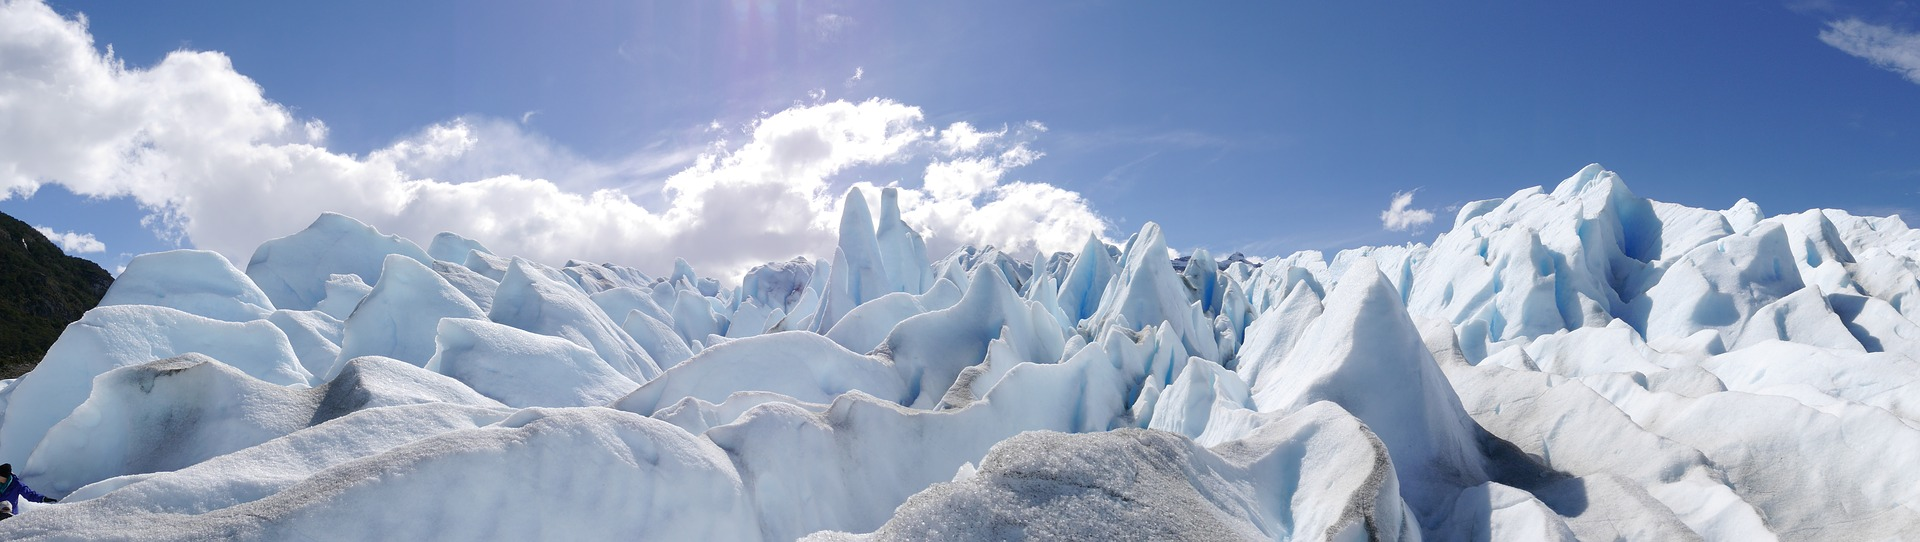 glaciar-2398827_1920